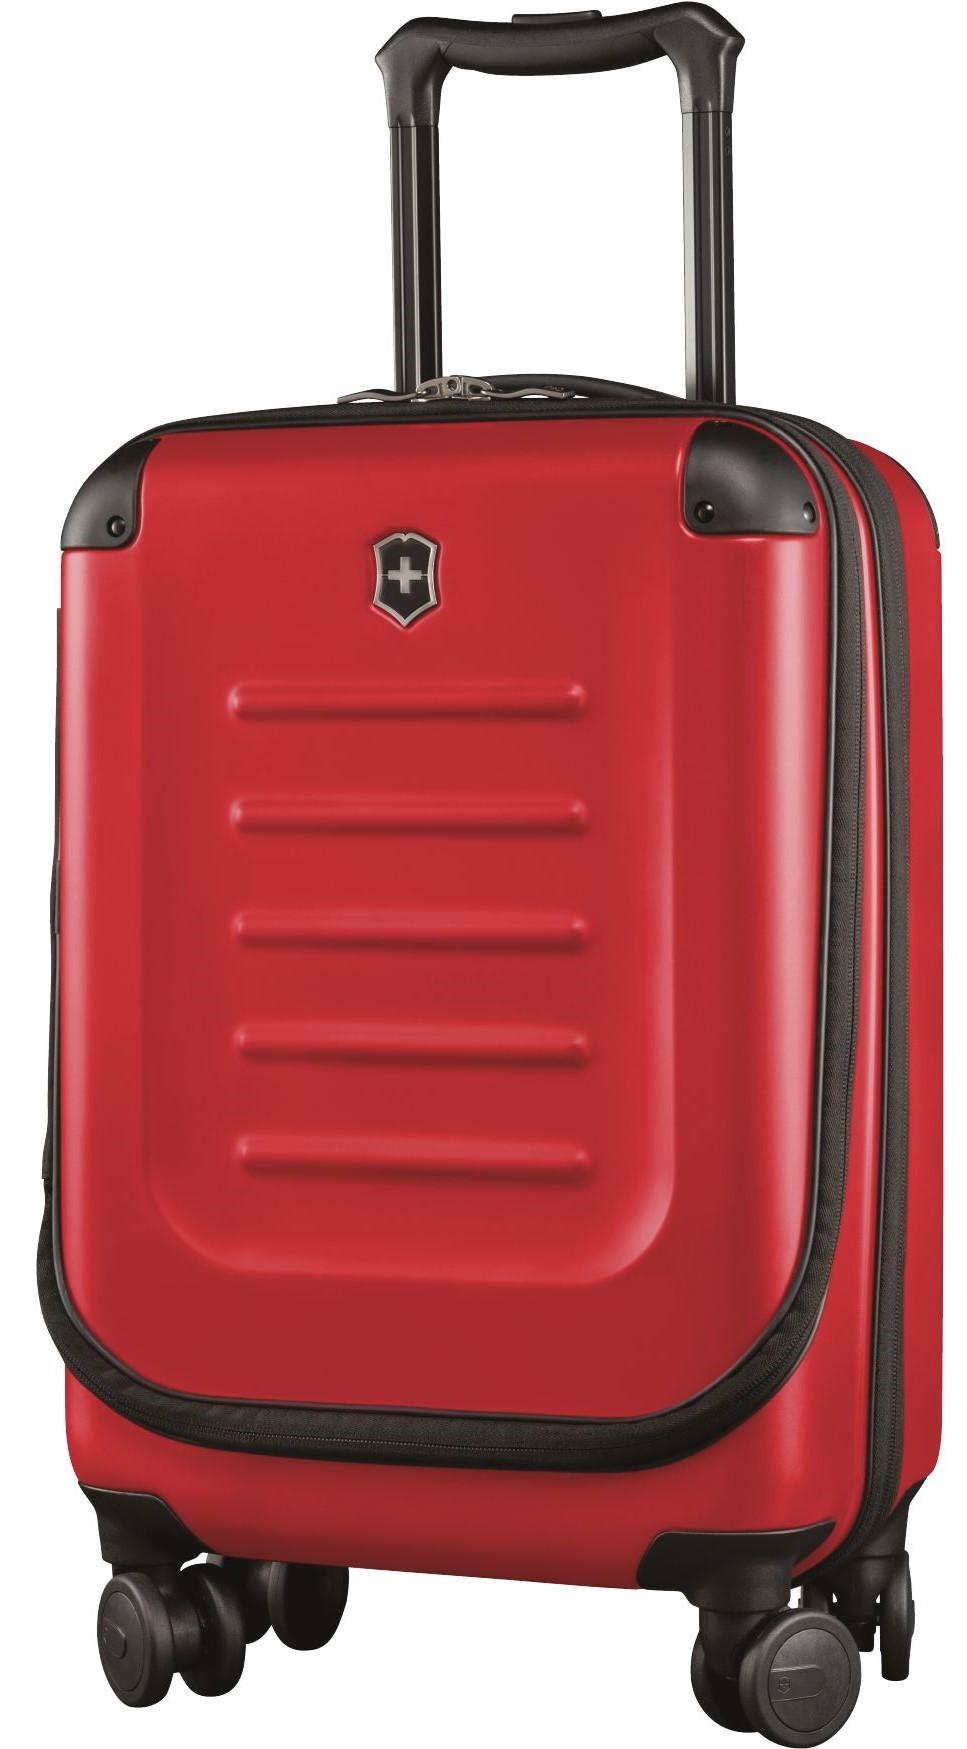 Βαλίτσα Spectra Expandable Compact Global Carry-On Victorinox 601284